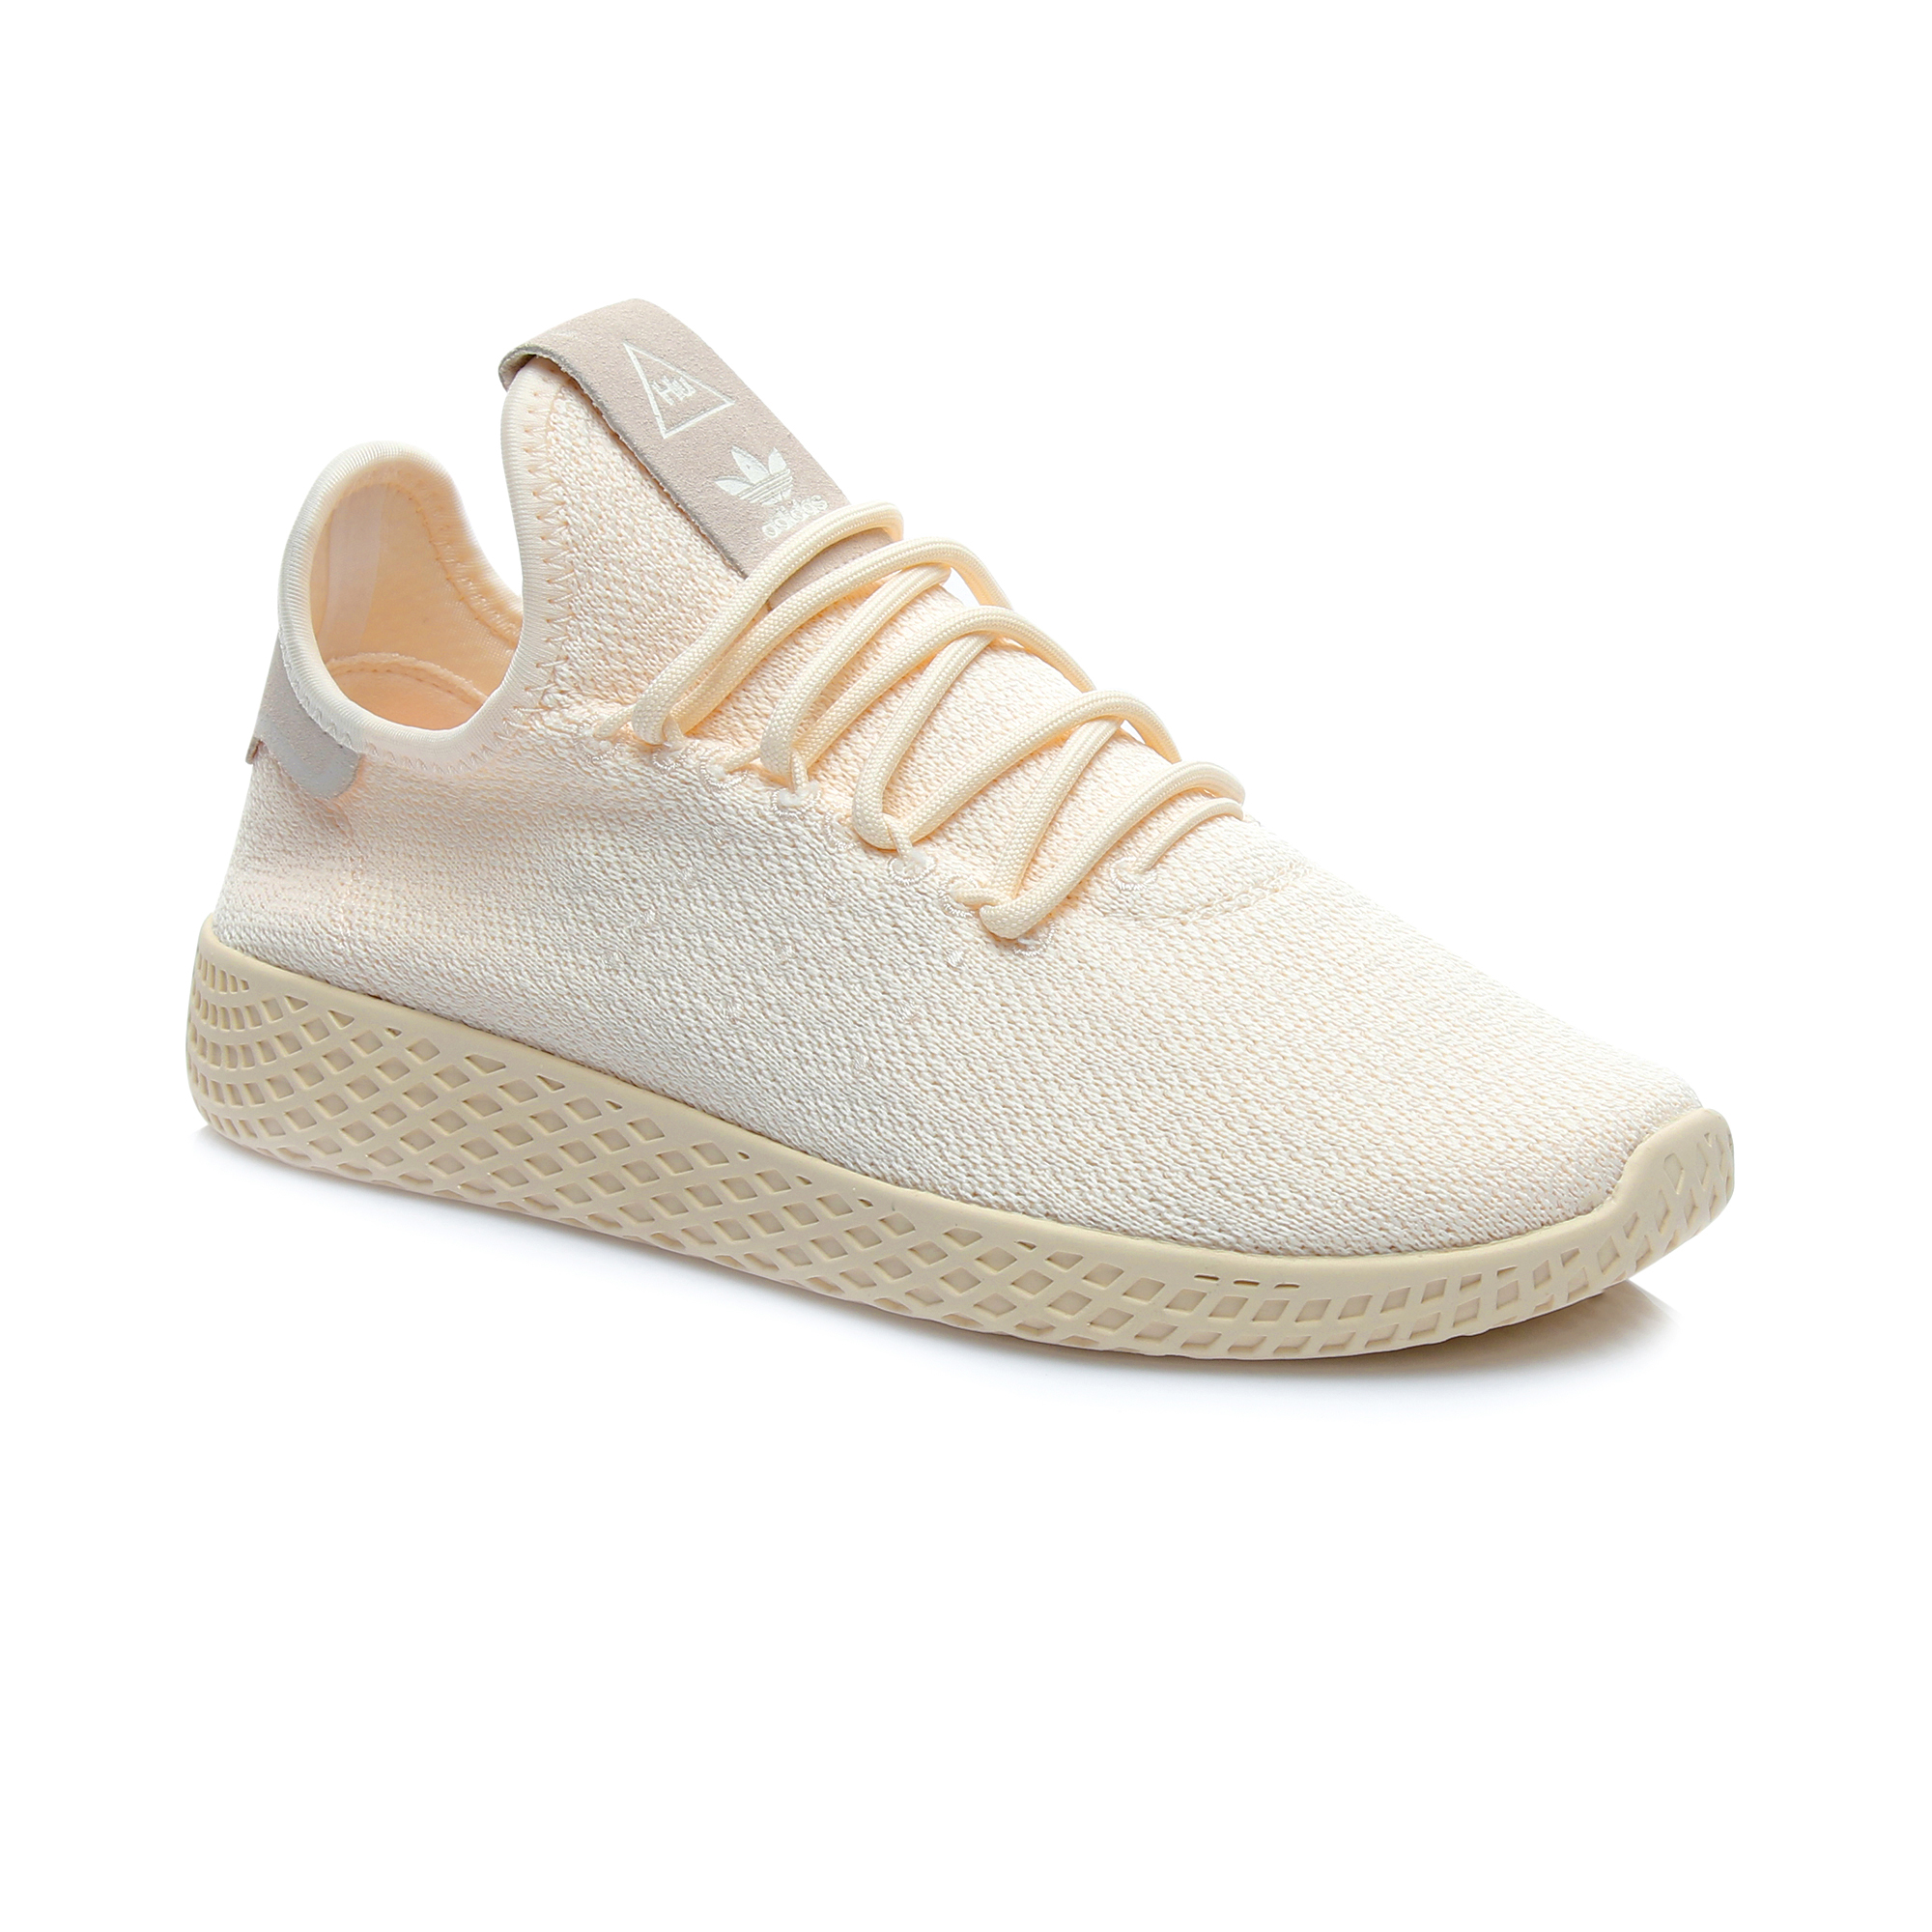 adidas Originals Pw Tennis Hu Kadın Krem Spor Ayakkabı